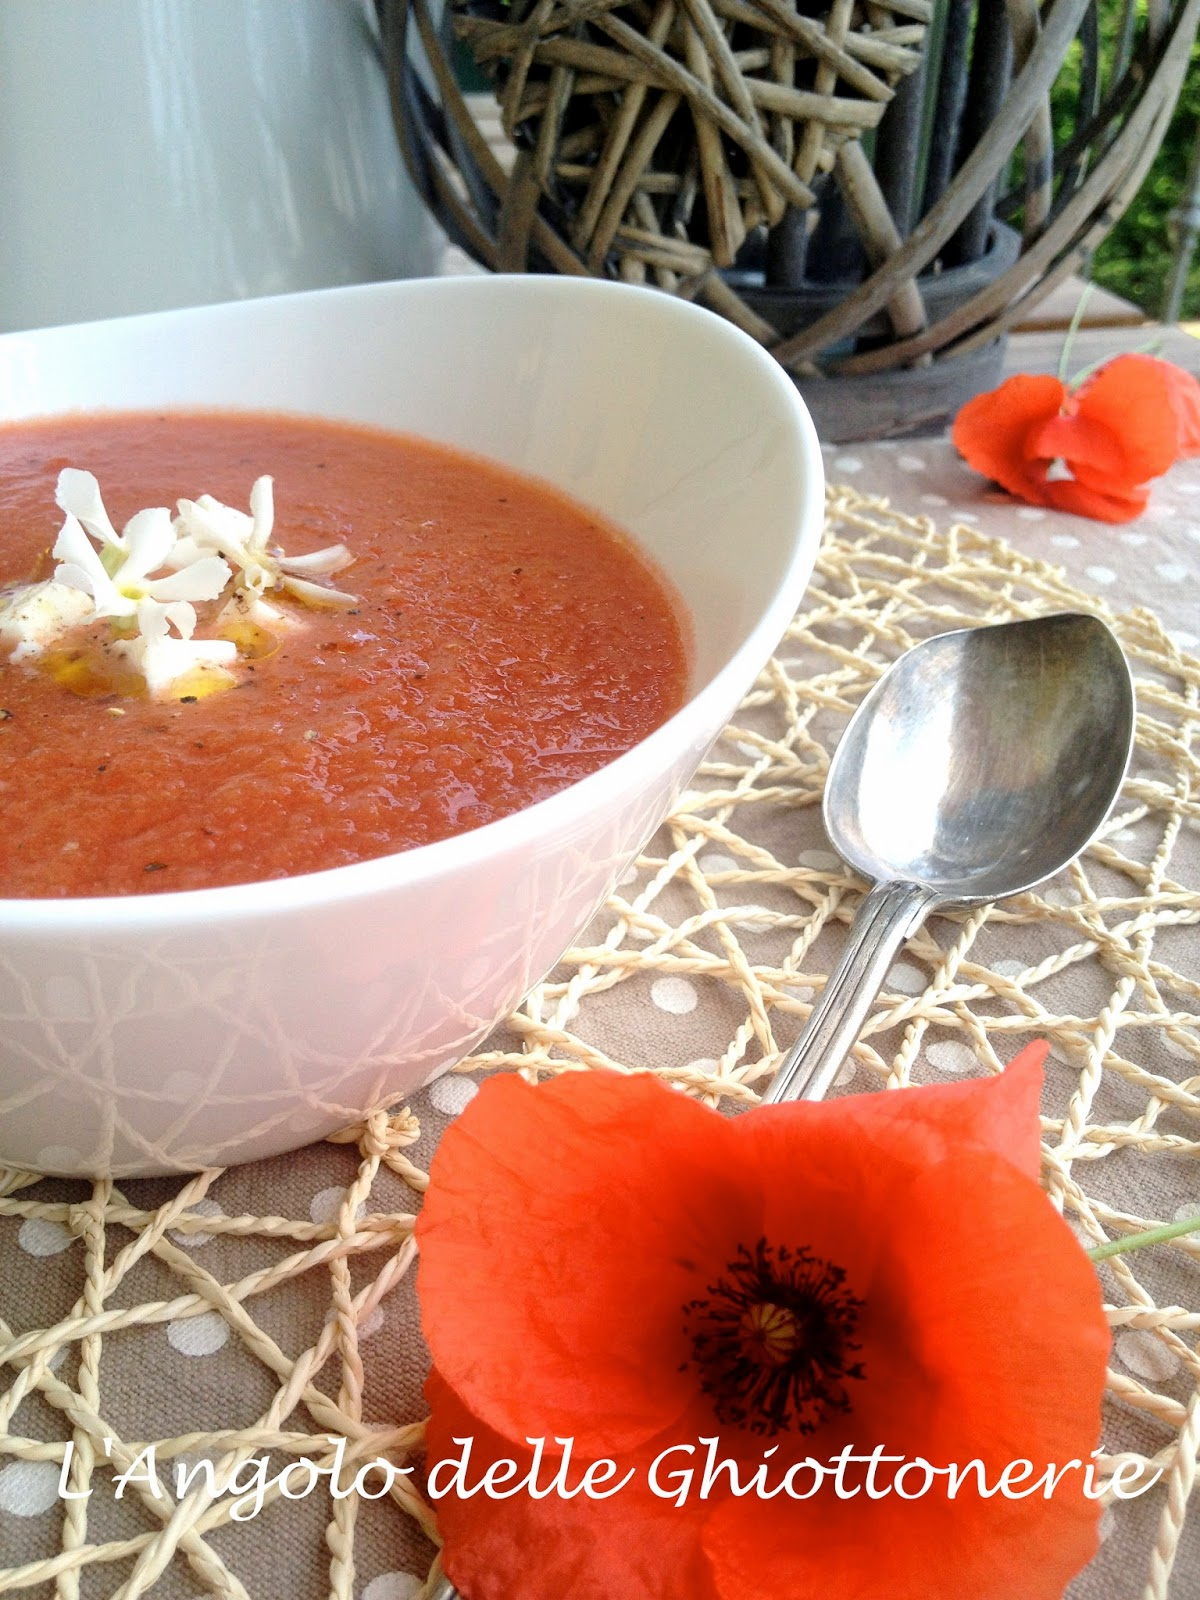 di ispirazione hispano-moresca. e' il mio gazpacho di anguria baby, con pomodoro cuore di bue, peperone rosso e primosale